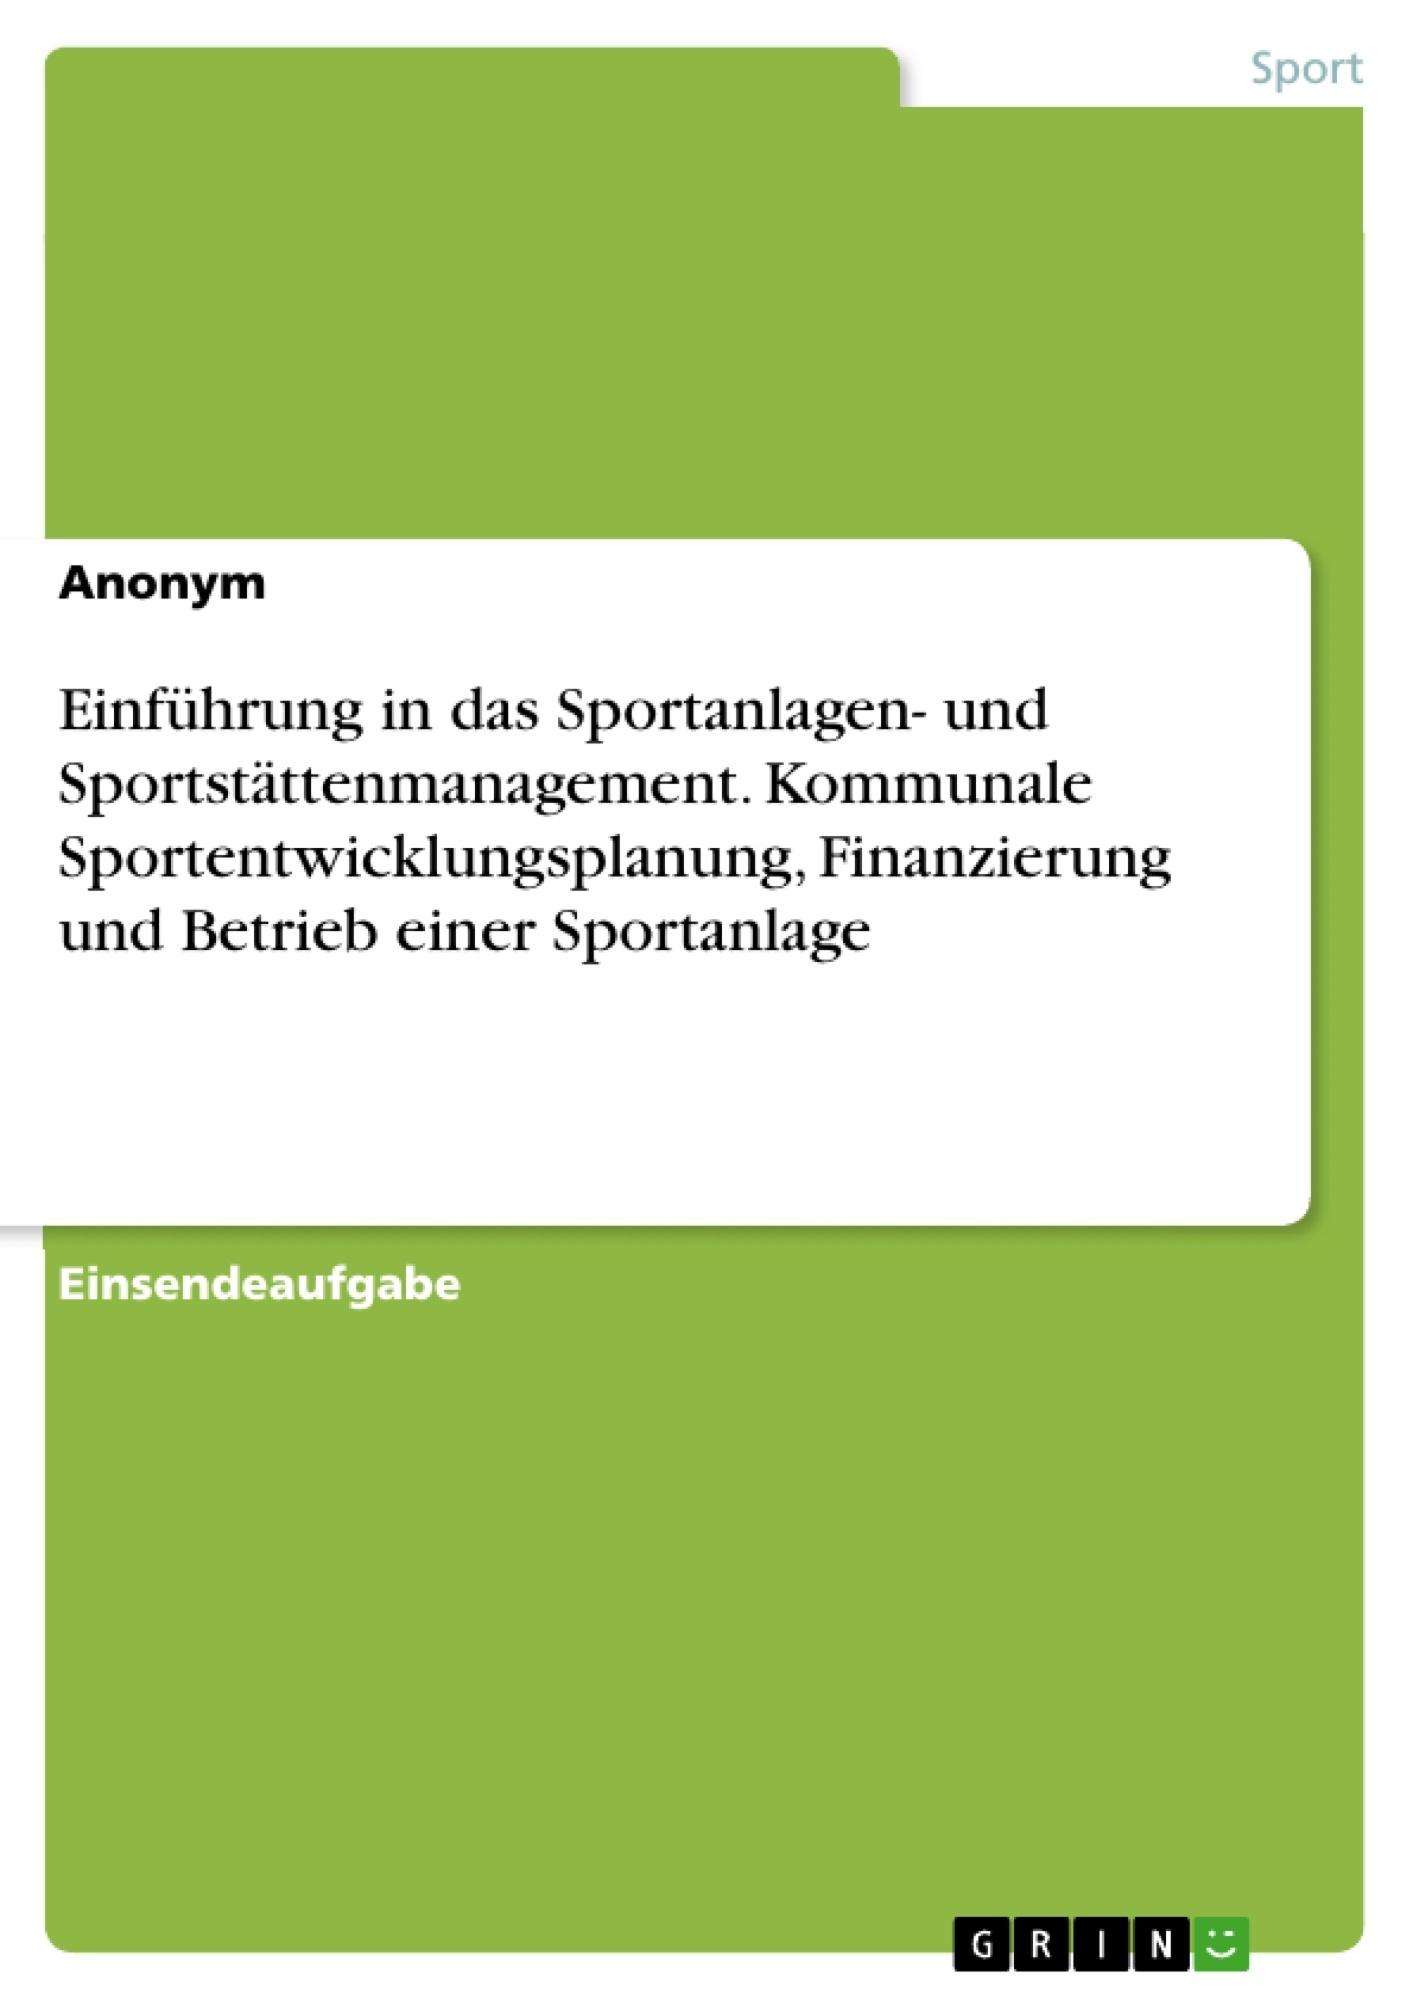 Titel: Einführung in das Sportanlagen- und Sportstättenmanagement. Kommunale Sportentwicklungsplanung, Finanzierung und Betrieb einer Sportanlage